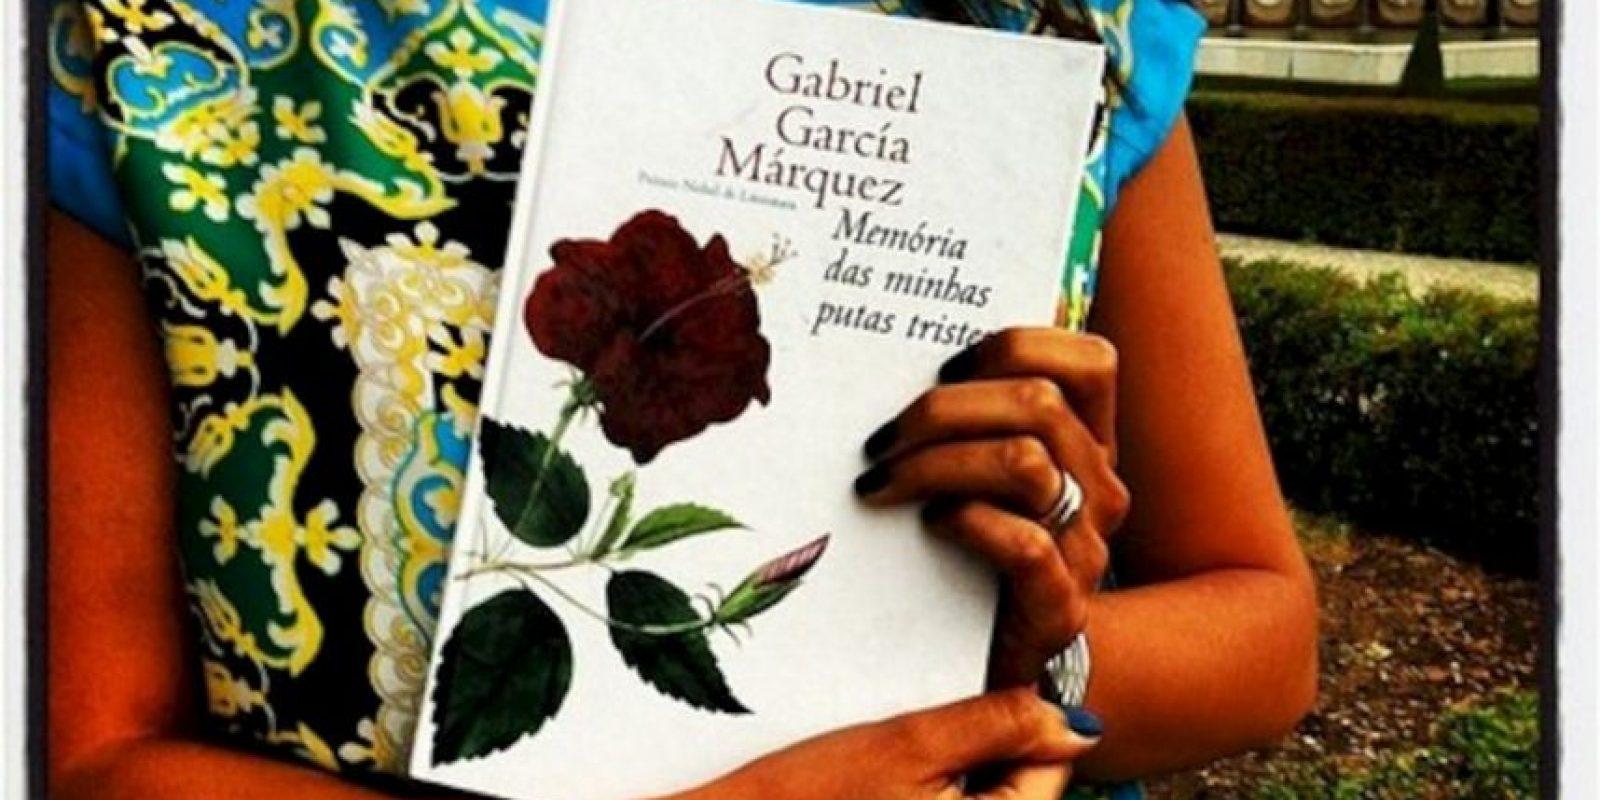 20 Frases En Los Libros De García Márquez Publimetro México